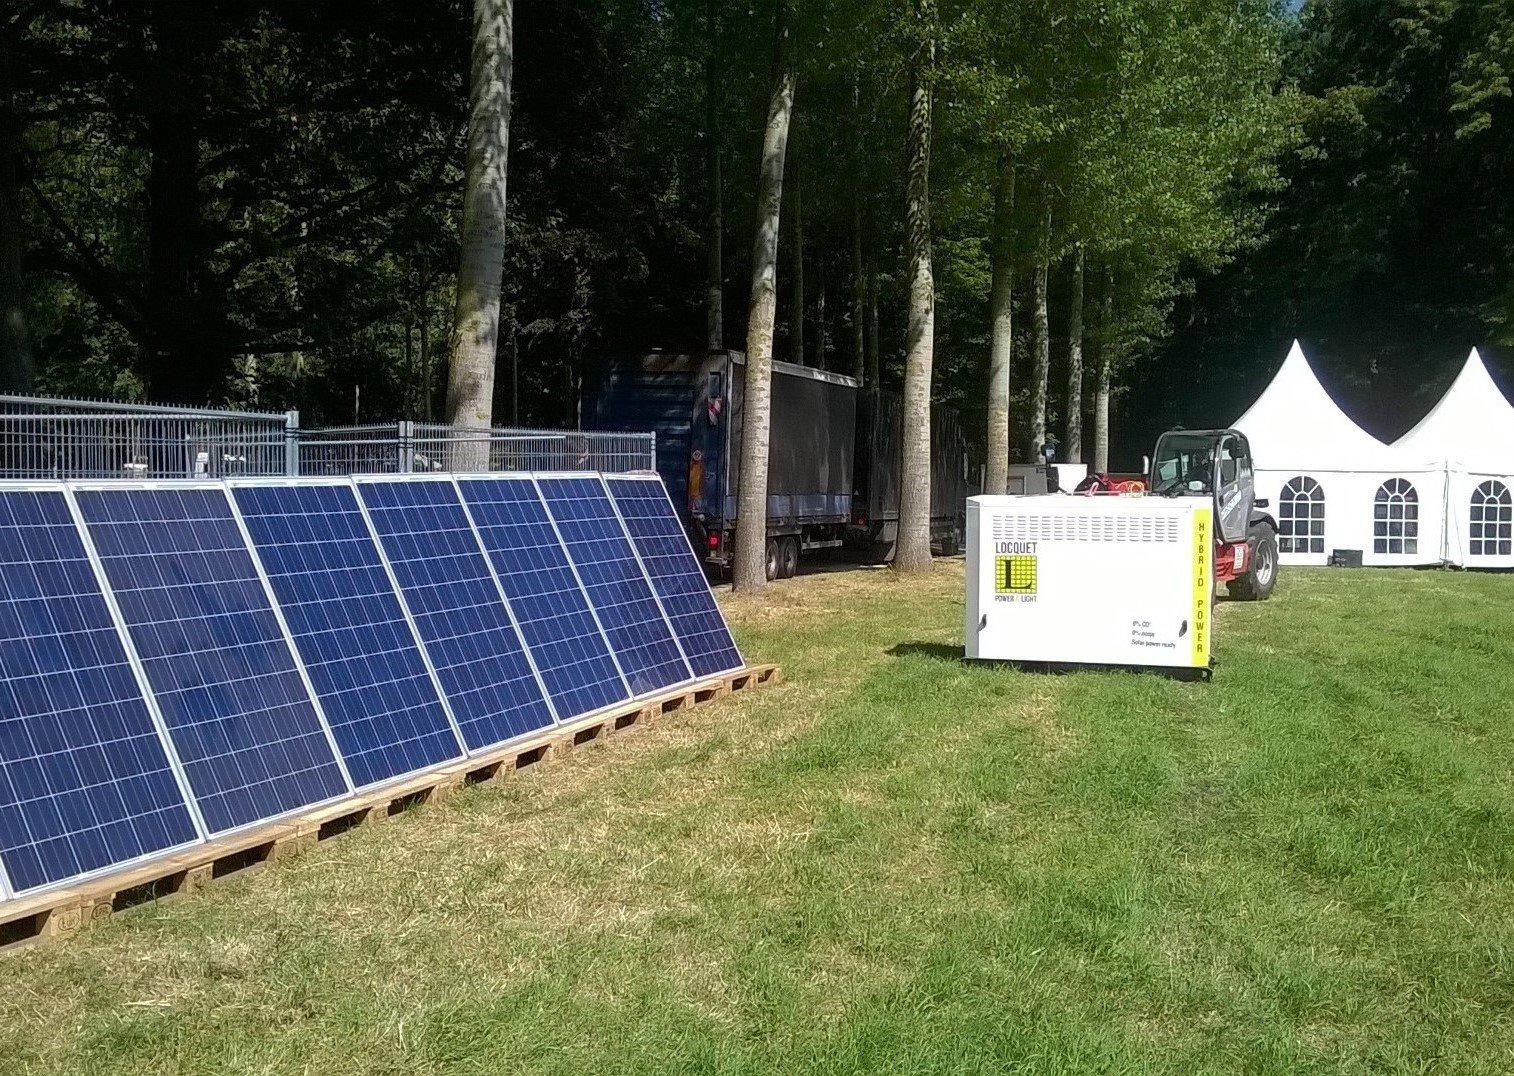 Hybrid power - solar panes, zonnepanelen, groene energie, zonne-energie.jpg